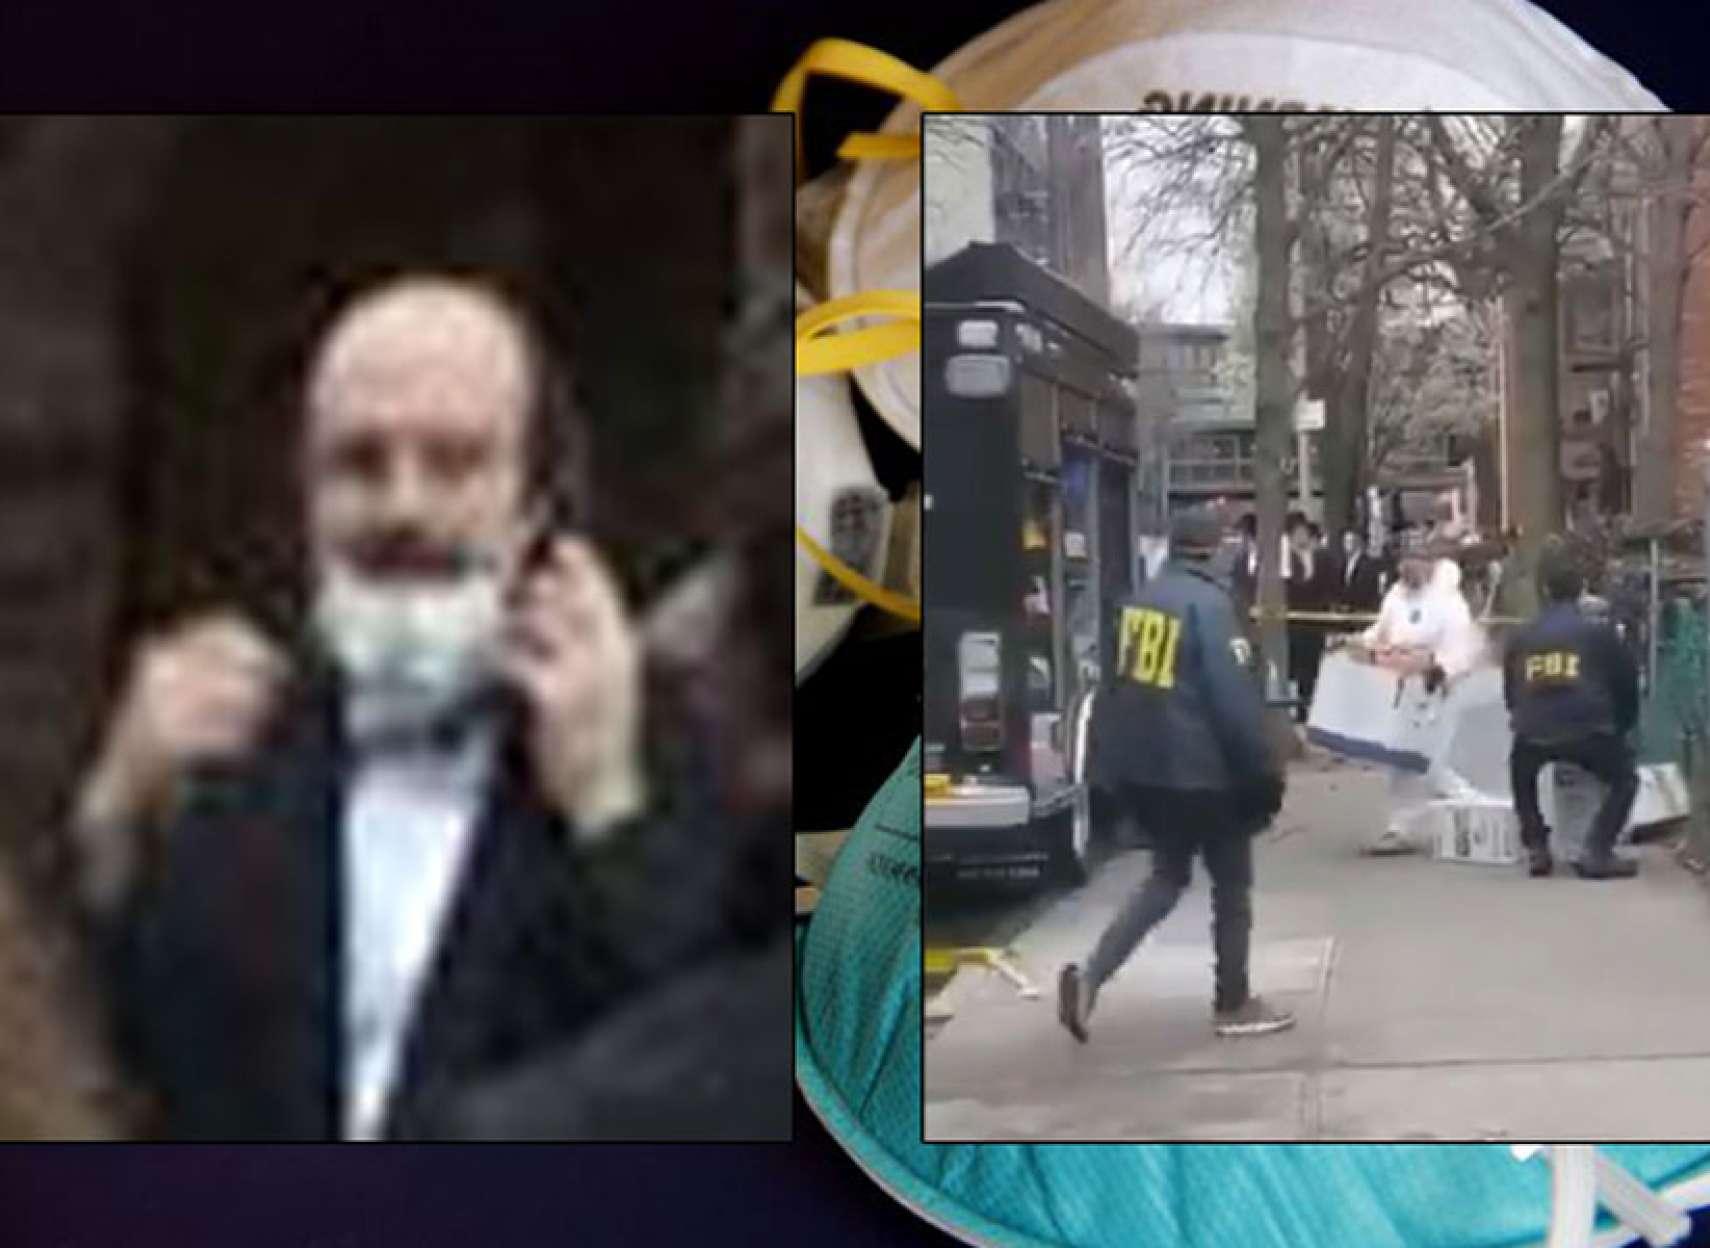 اخبار-کانادا-دستگیری-محتکر-آمریکایی-ماسک-های-کانادایی-و-مصادره-اموالش-برای-بیمارستان-های-نیویورک